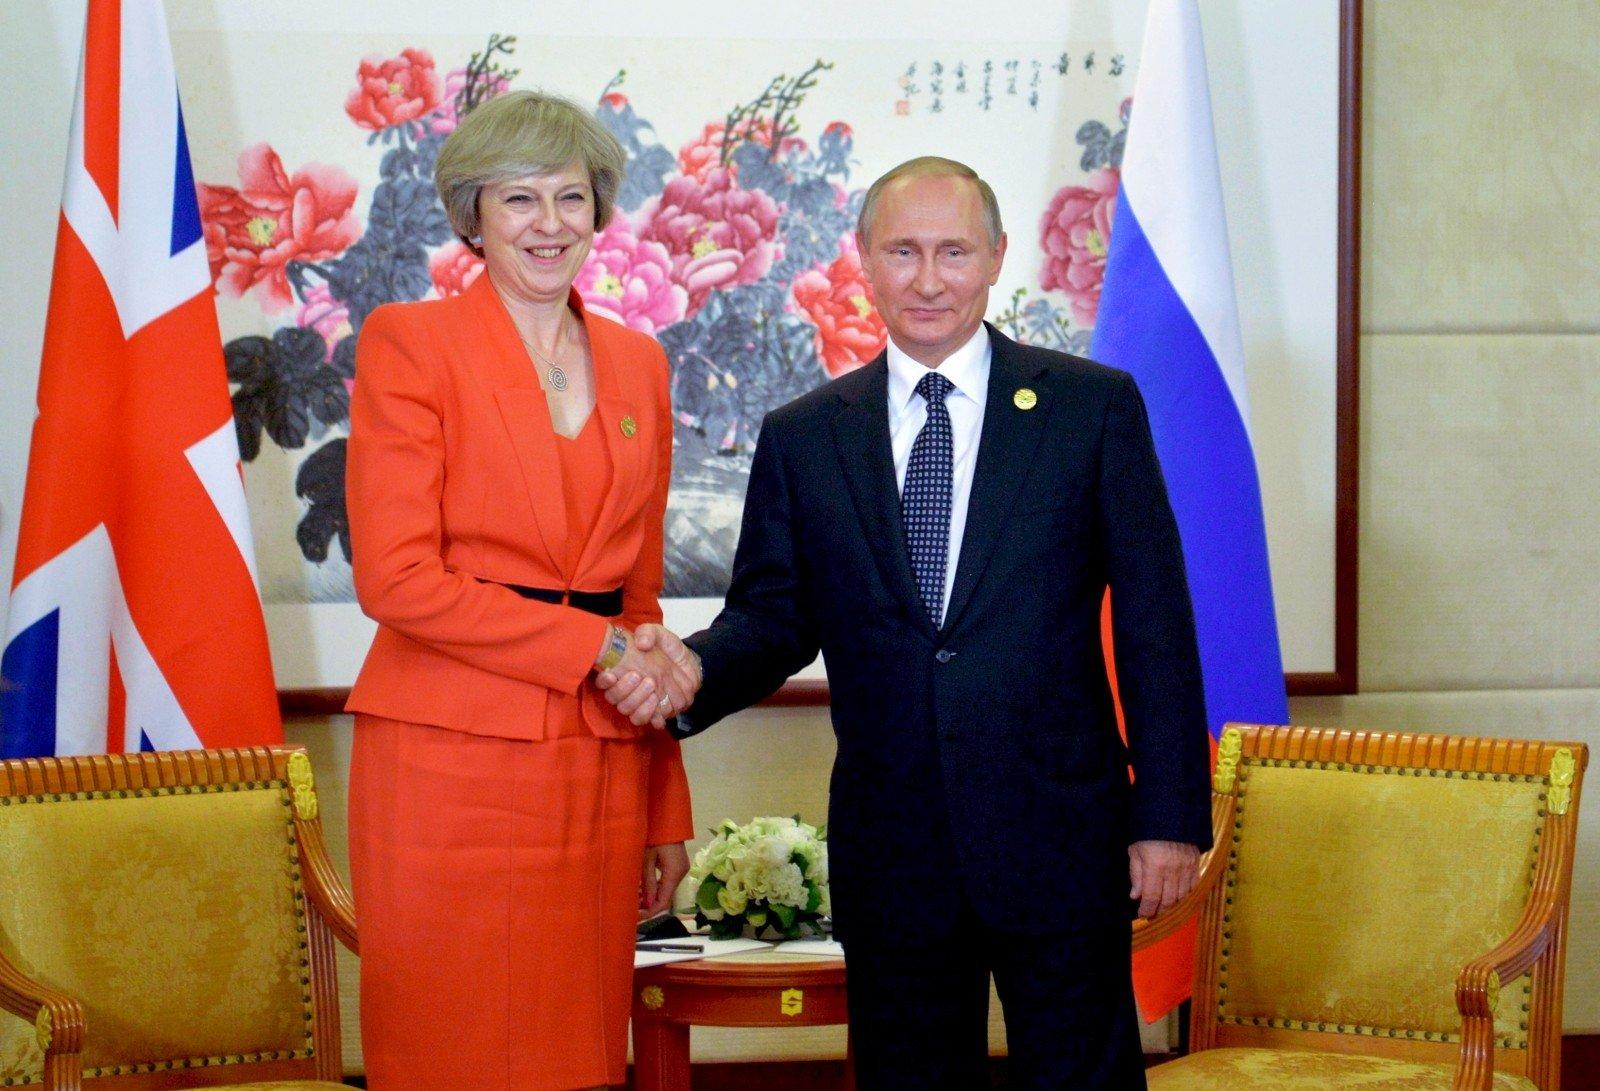 ترزا می: انگلیس برای برقراری روابط مفید با روسیه تلاش میکند